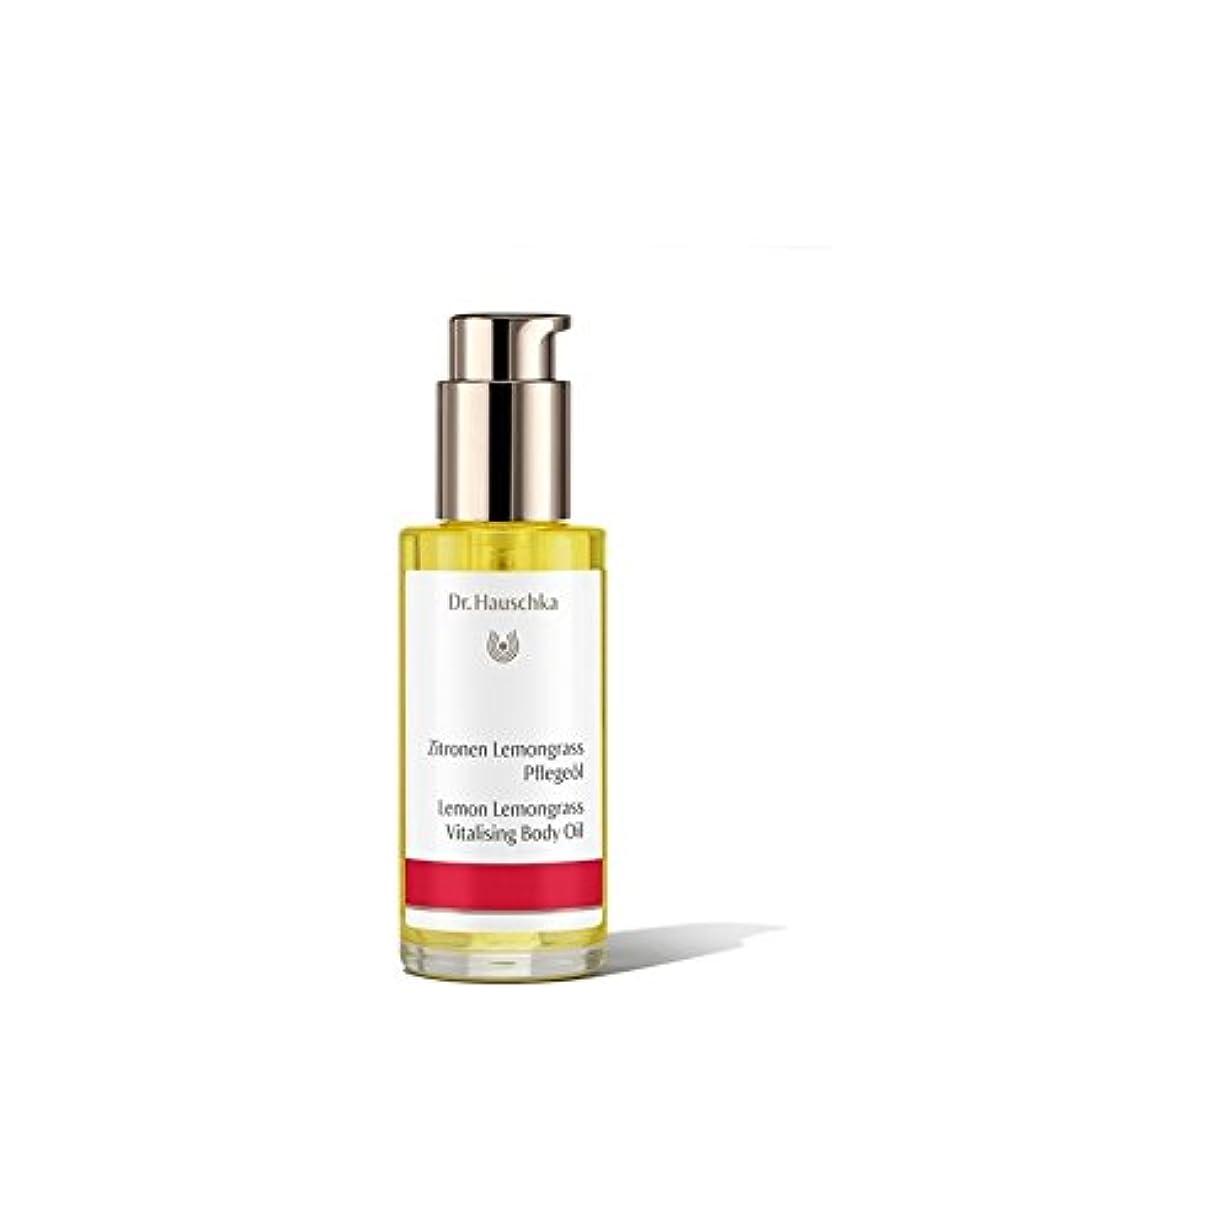 出費永久に確かめるDr. Hauschka Lemon Lemongrass Vitalising Body Oil (75ml) (Pack of 6) - ハウシュカレモンレモングラスボディオイル(75ミリリットル) x6 [並行輸入品]